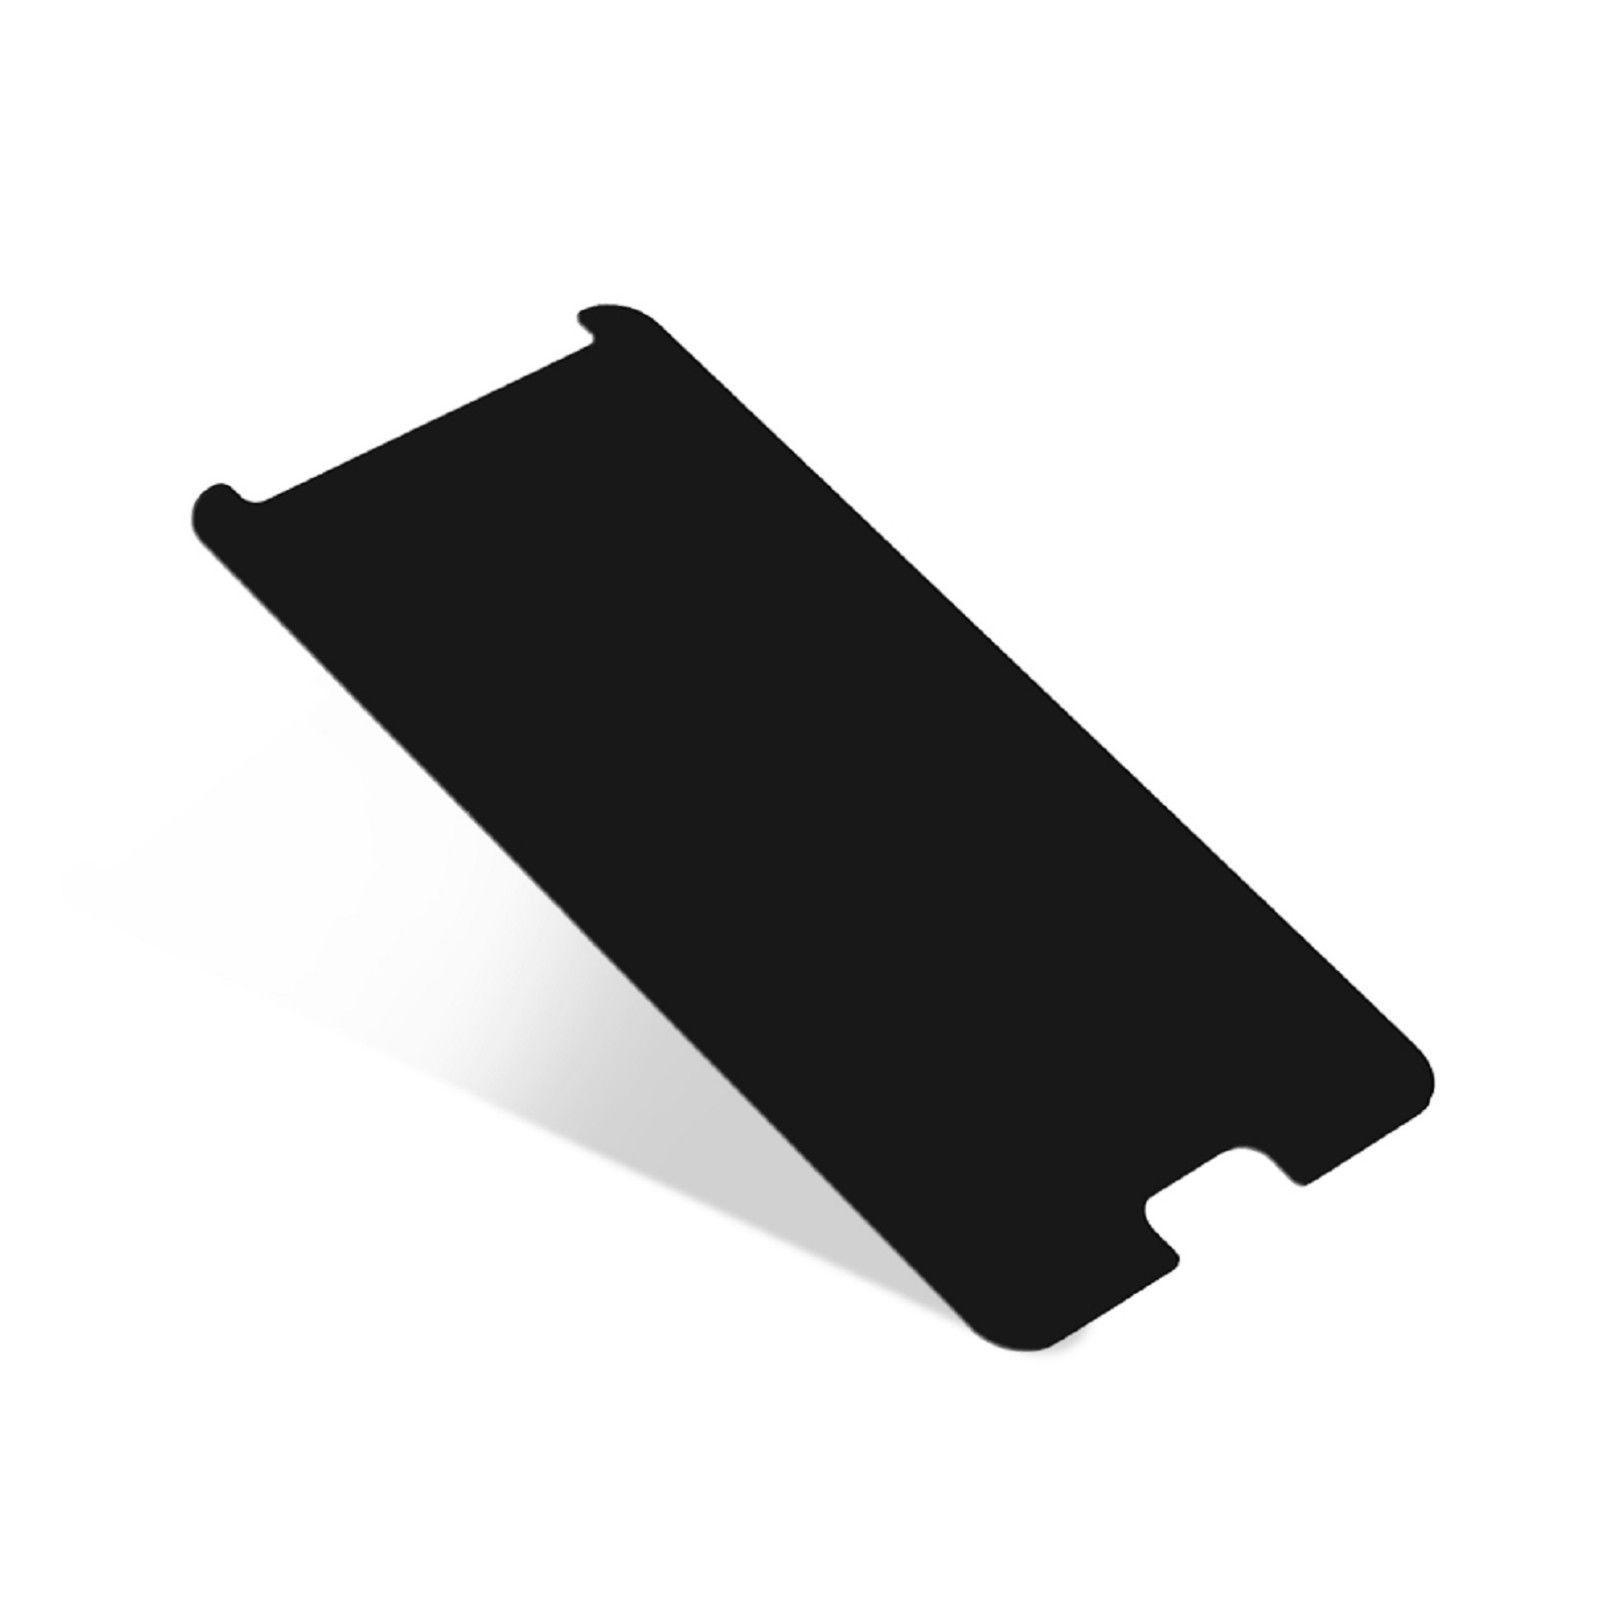 Kính Cường Lực Chống Trầy Chống Bám Vân Tay Cho Samsung Galaxy J7 Prime - Đen